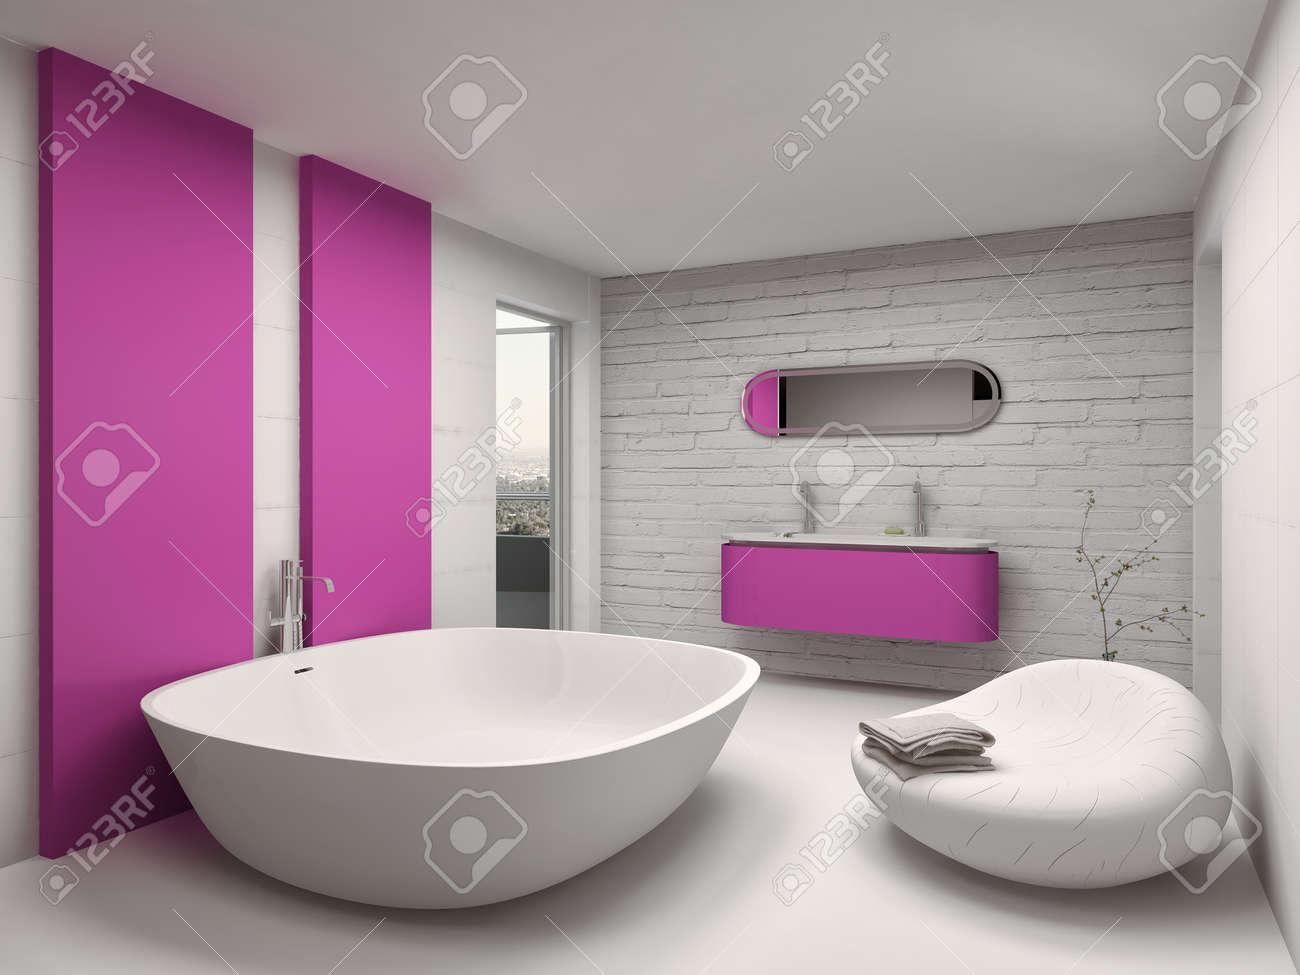 Intérieur de salle de bains moderne avec baignoire rose supersize